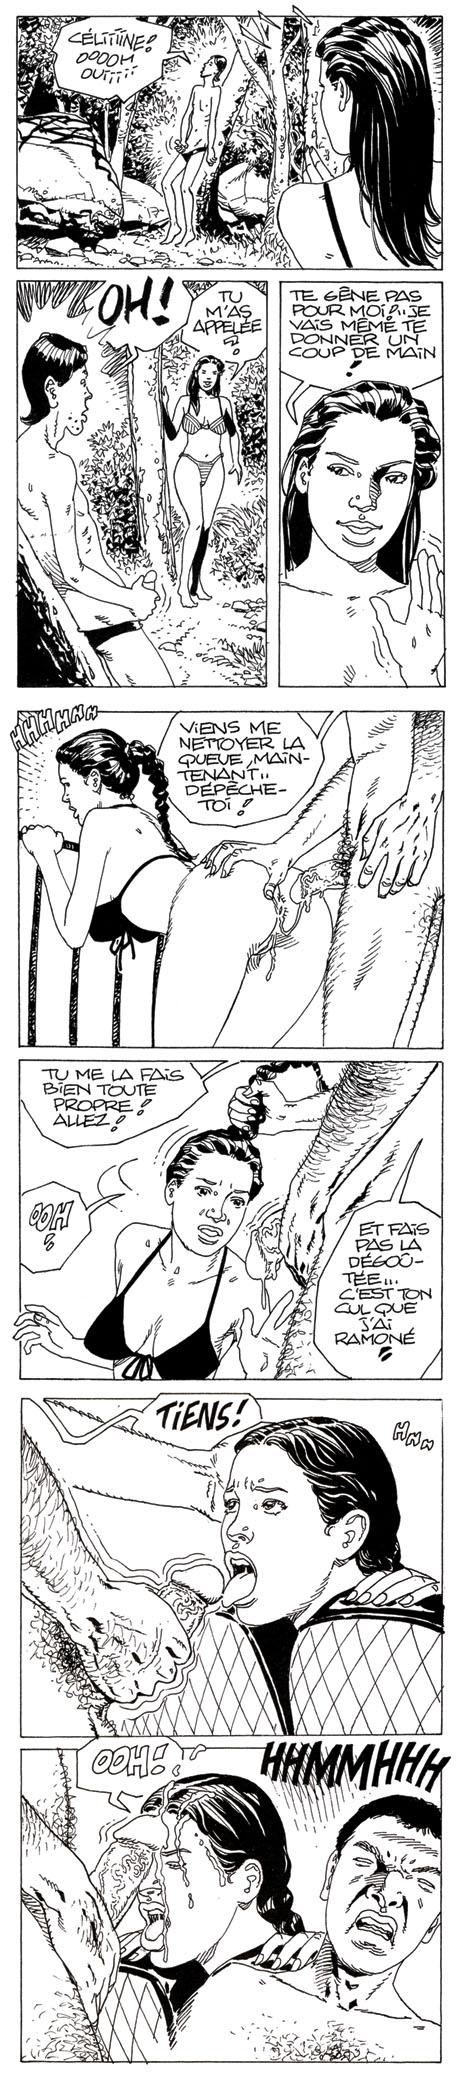 Bande dessinée de milf aimant